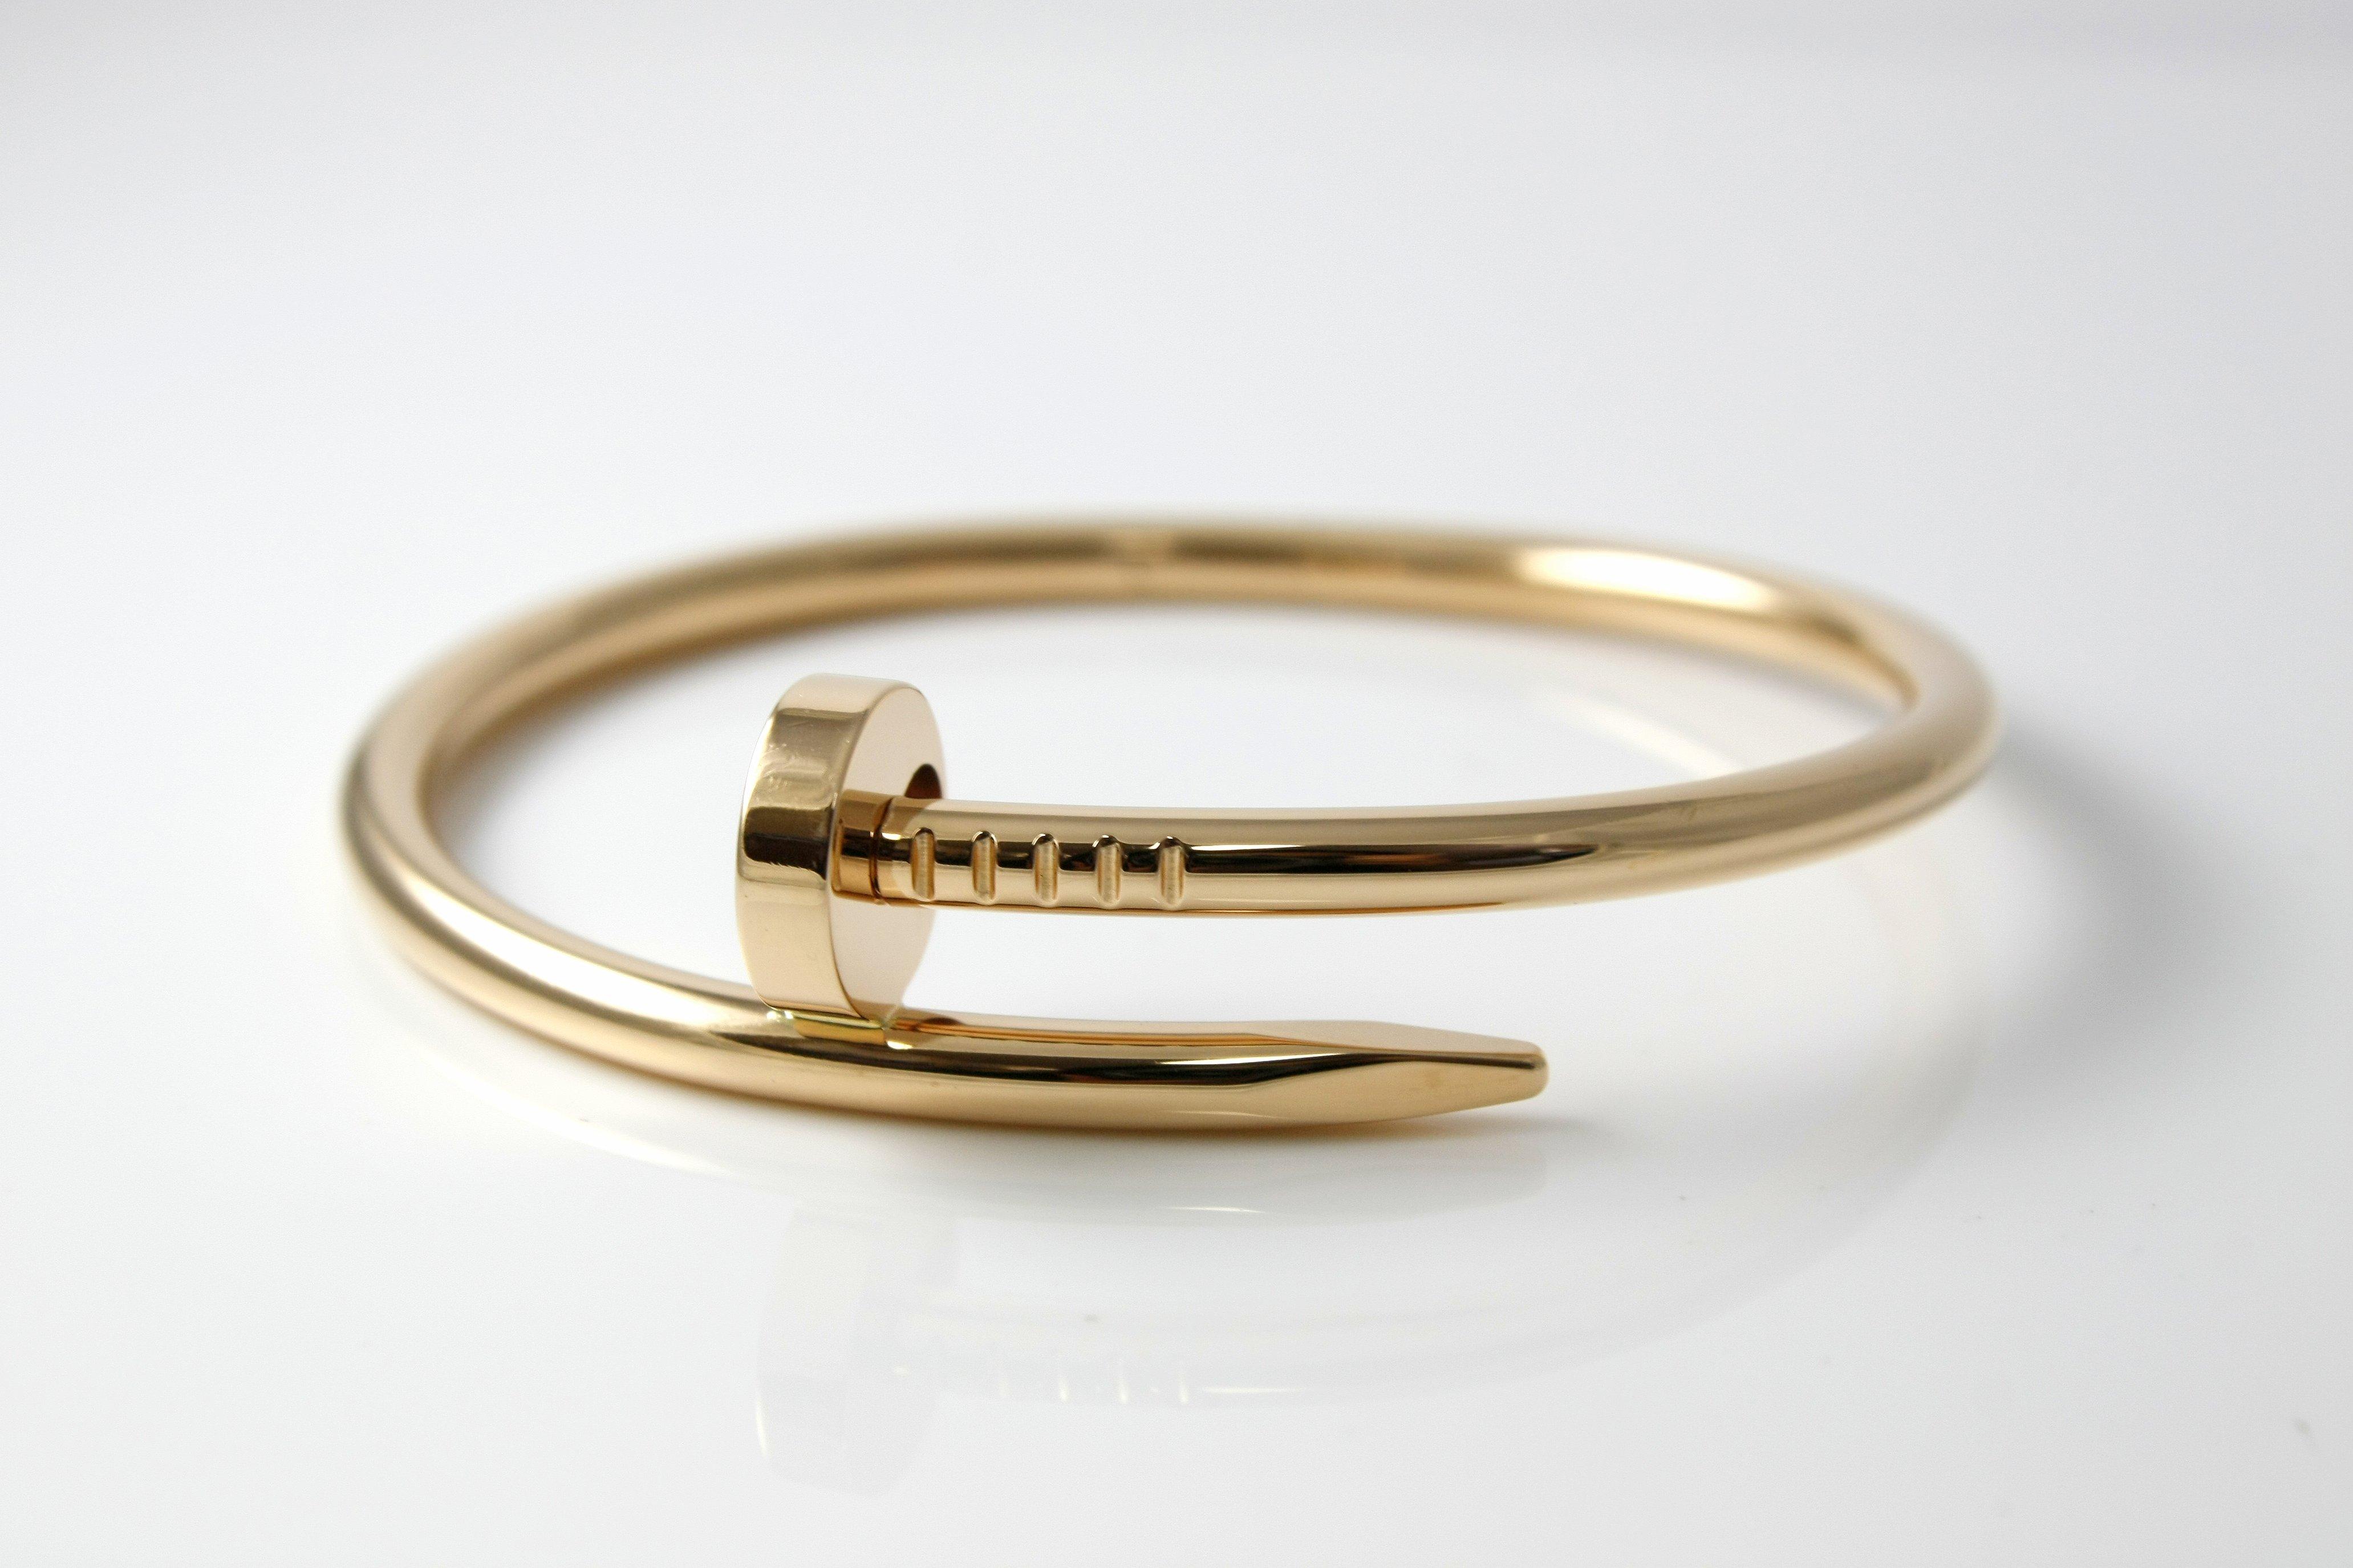 Cartier Juste un Clou Nail Bracelet - $5,000